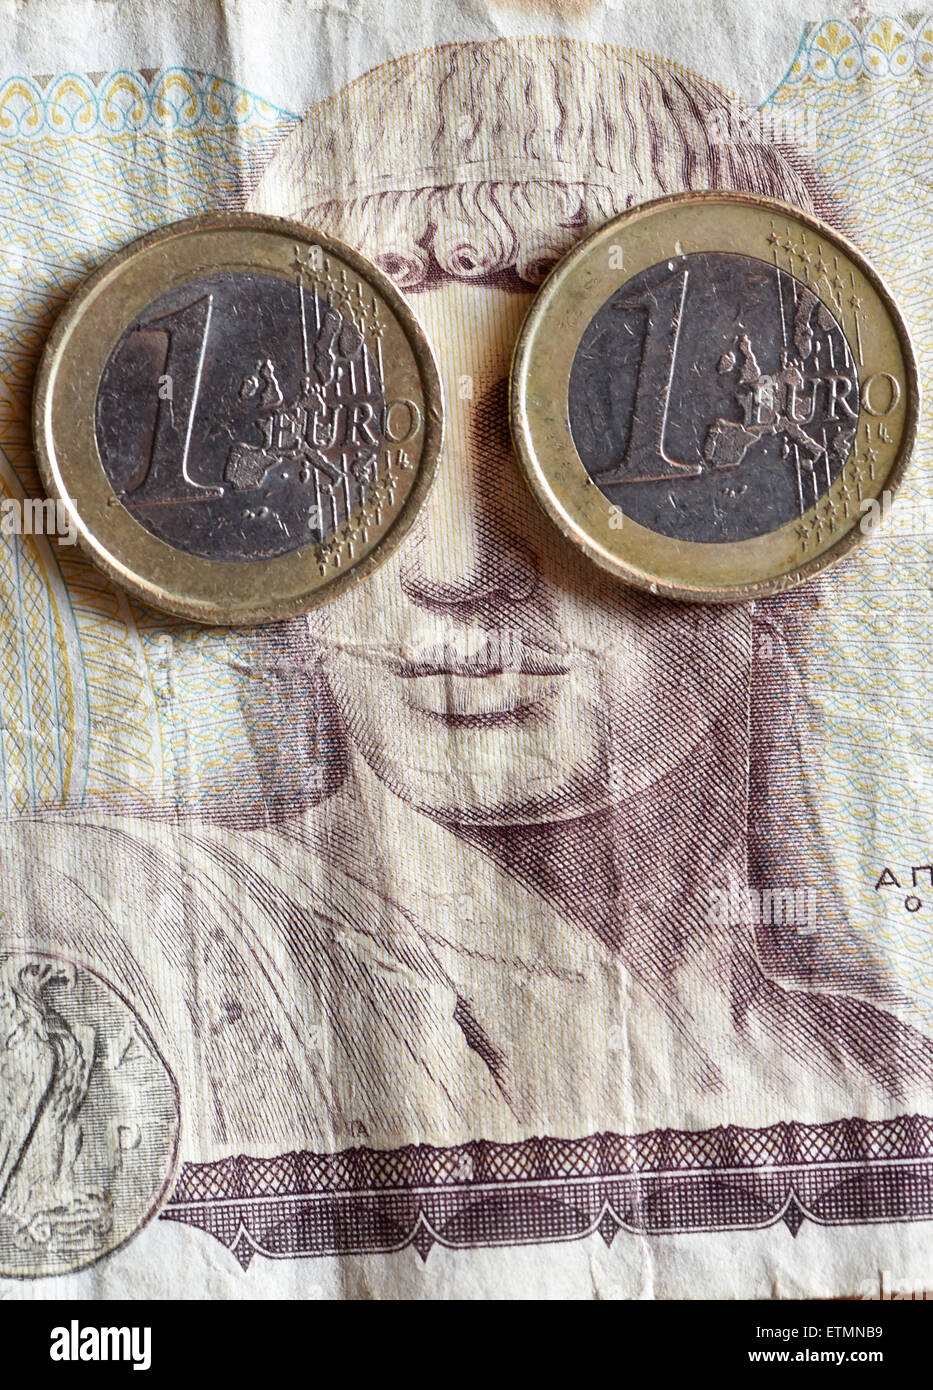 Berlin, Allemagne. 14 Juin, 2015. ILLUSTRATION - l'un deux pièces en euro couvrir les yeux de Dieu grec Apollon sur une drachme de loi 1000 à Berlin, Allemagne, 14 juin 2015. Photo: Jens Kalaene/dpa/Alamy Live News Banque D'Images